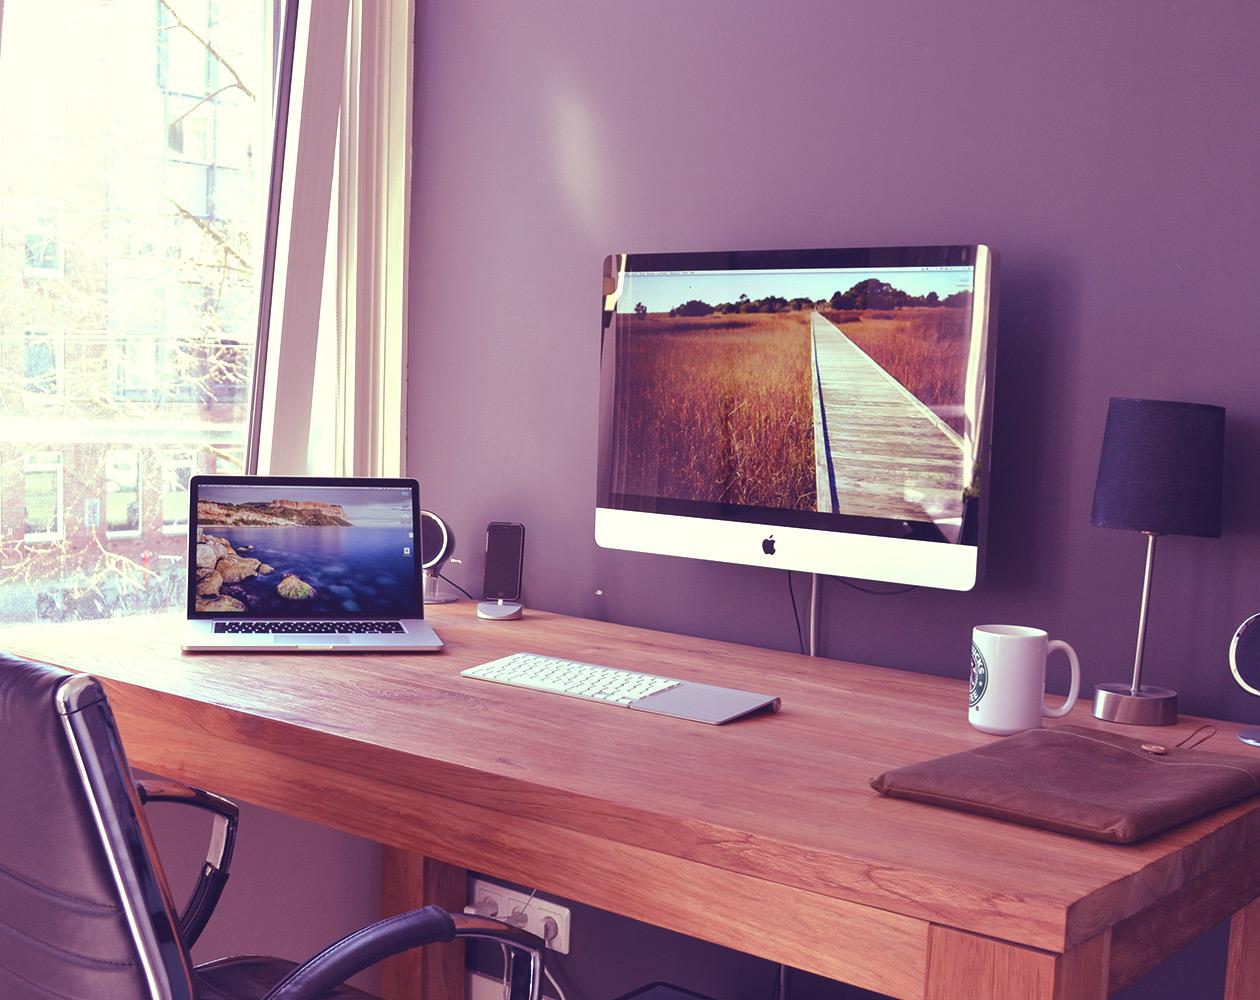 [Фотогалерея] Рабочие места в «яблочном» стиле